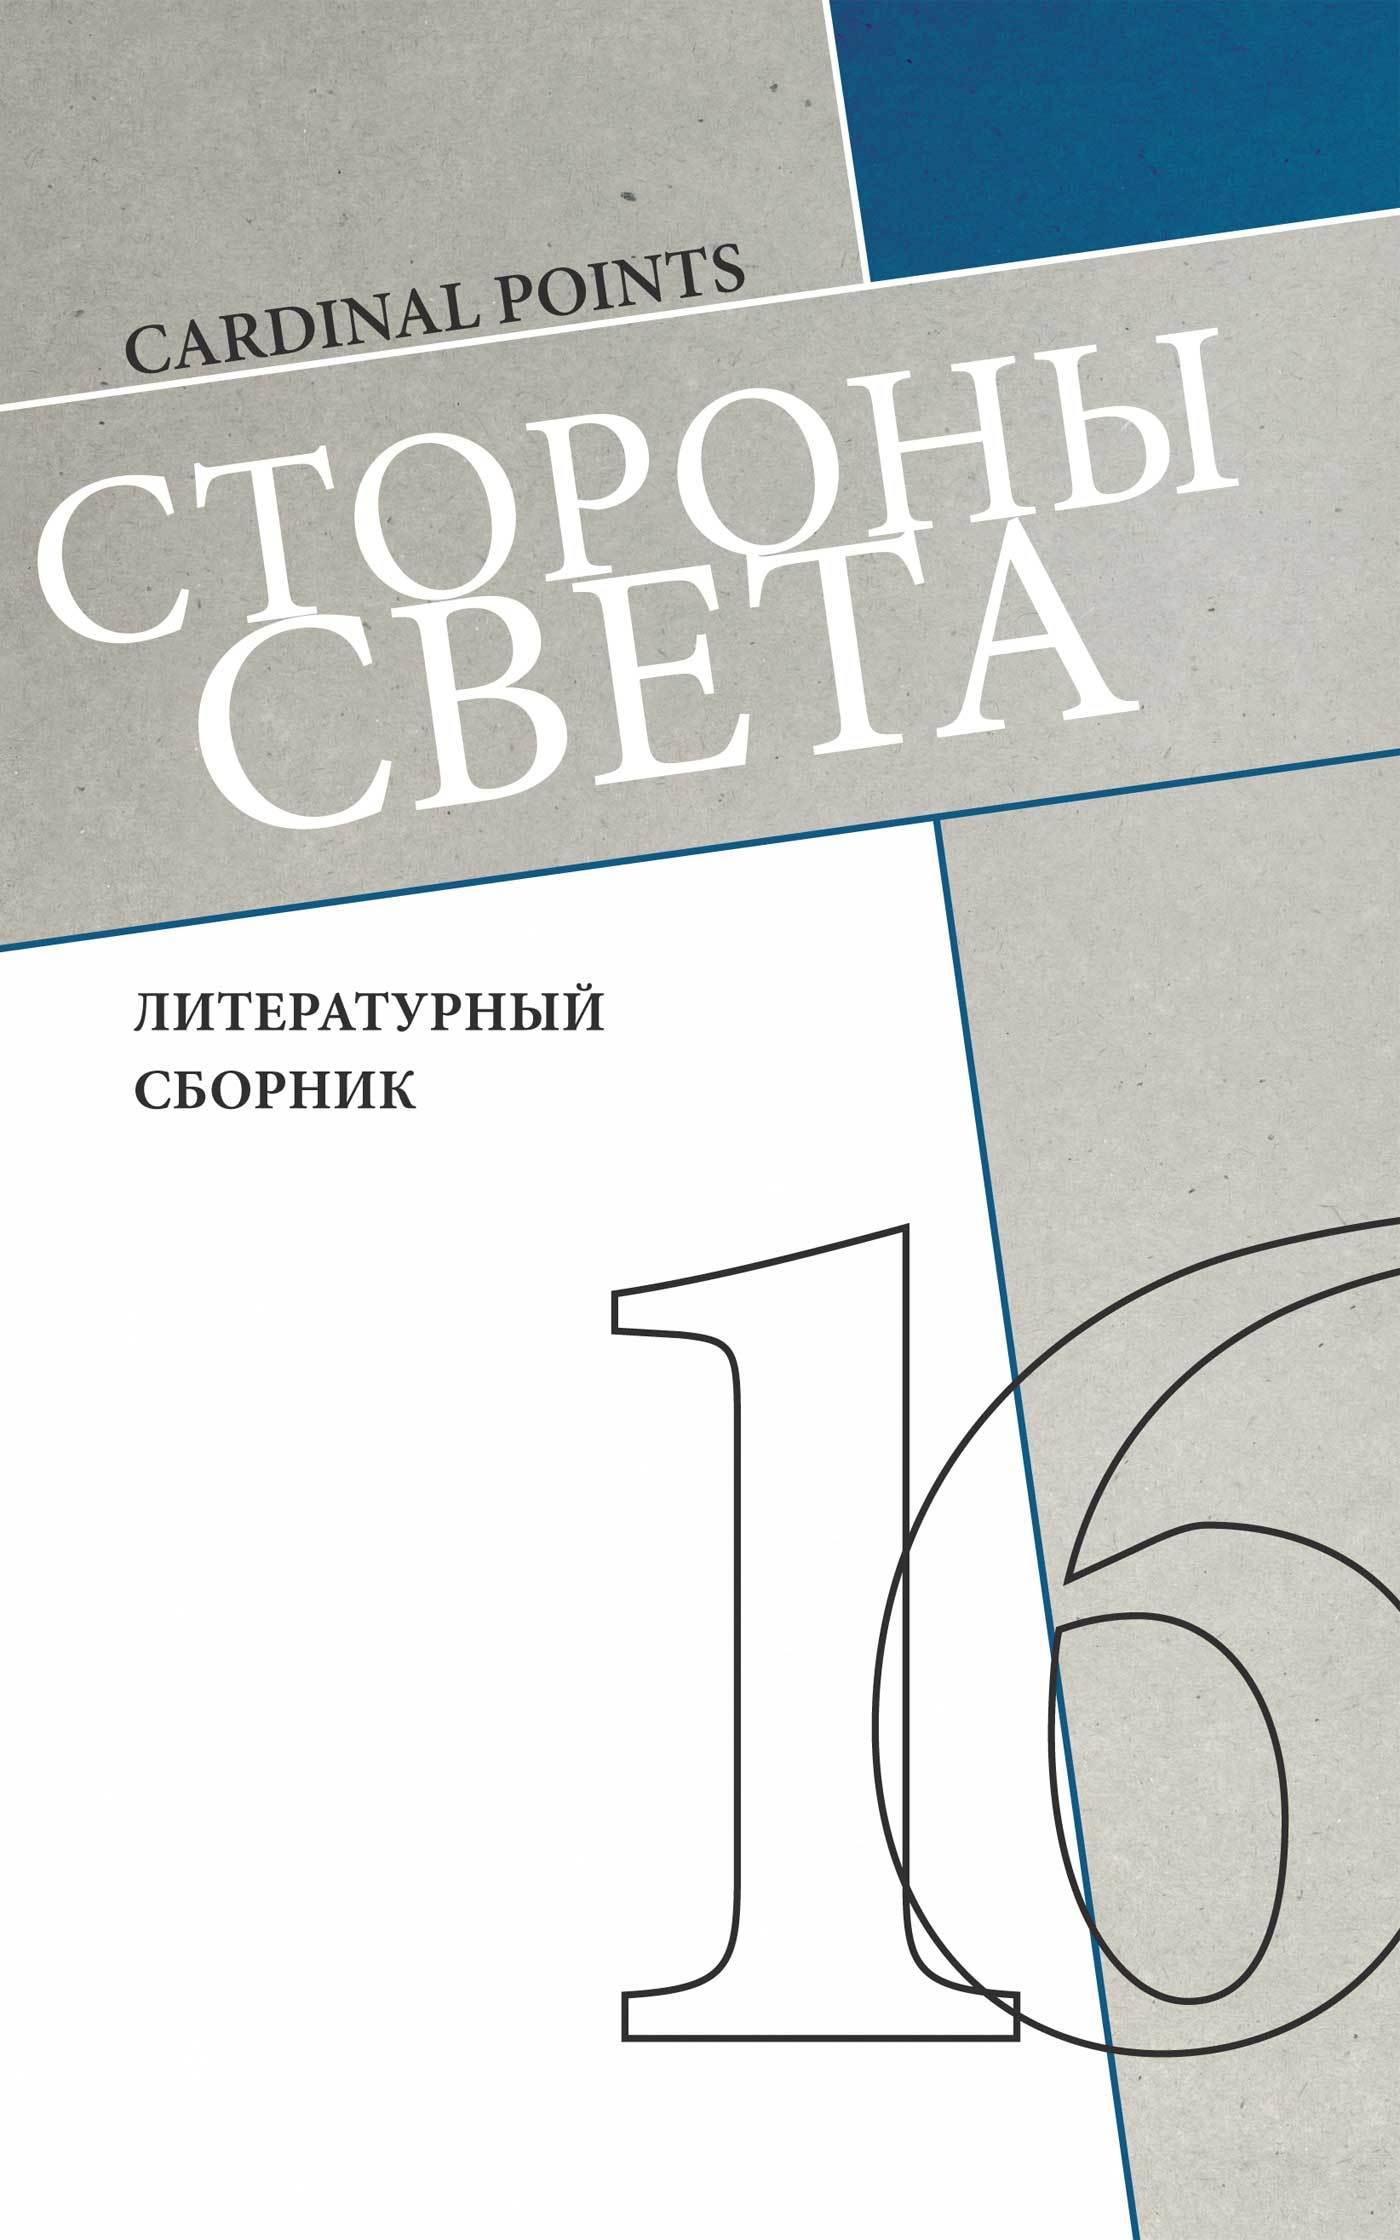 цена на Коллектив авторов Стороны света (литературный сборник №16)